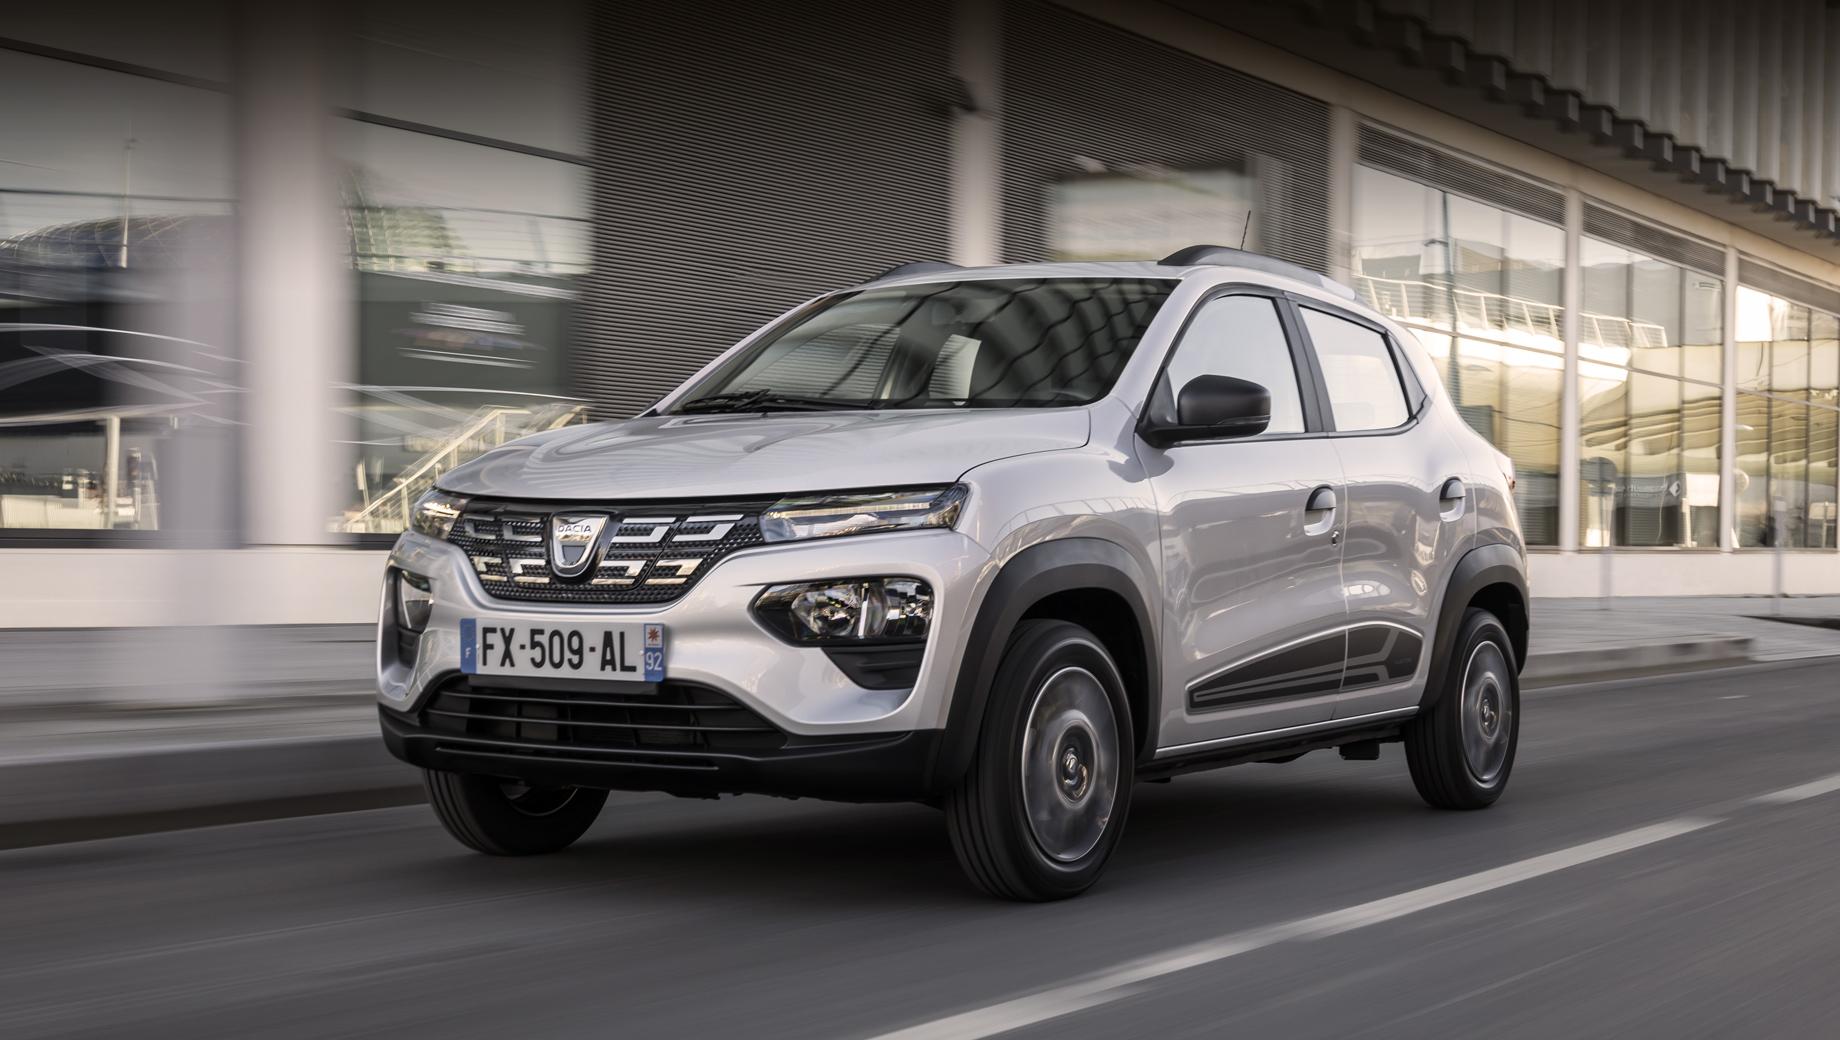 Хэтчбек Dacia Spring улучшил параметры перед стартом продаж